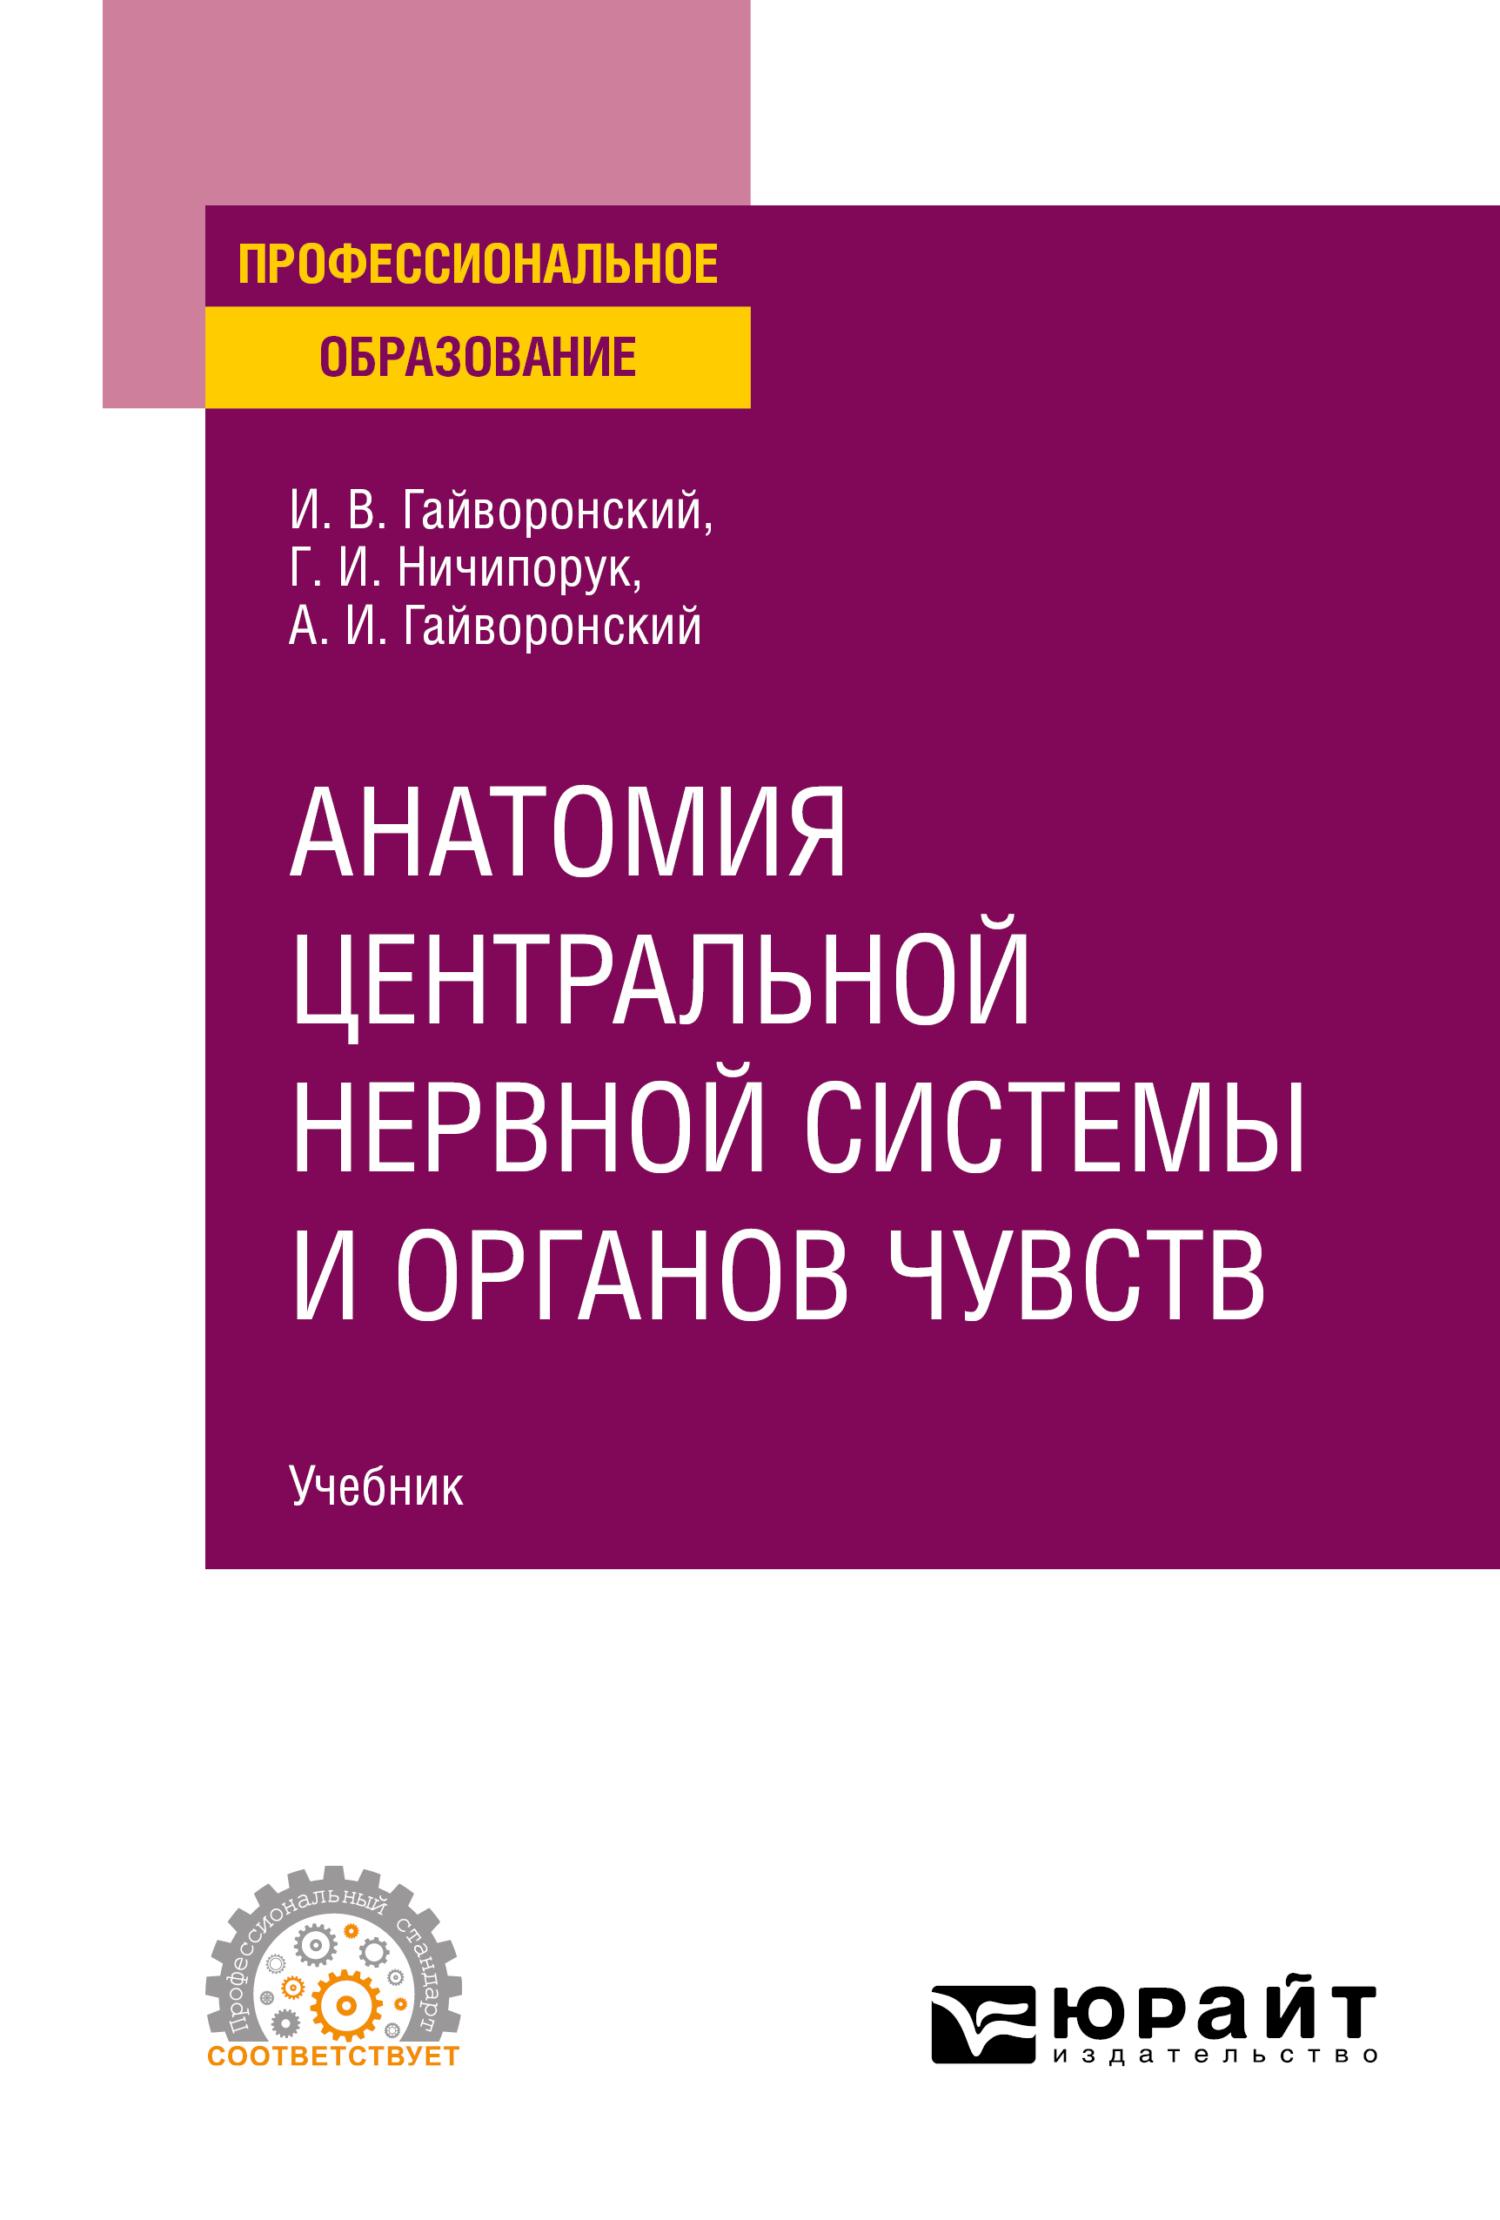 Геннадий Иванович Ничипорук Анатомия центральной нервной системы и органов чувств. Учебник для СПО